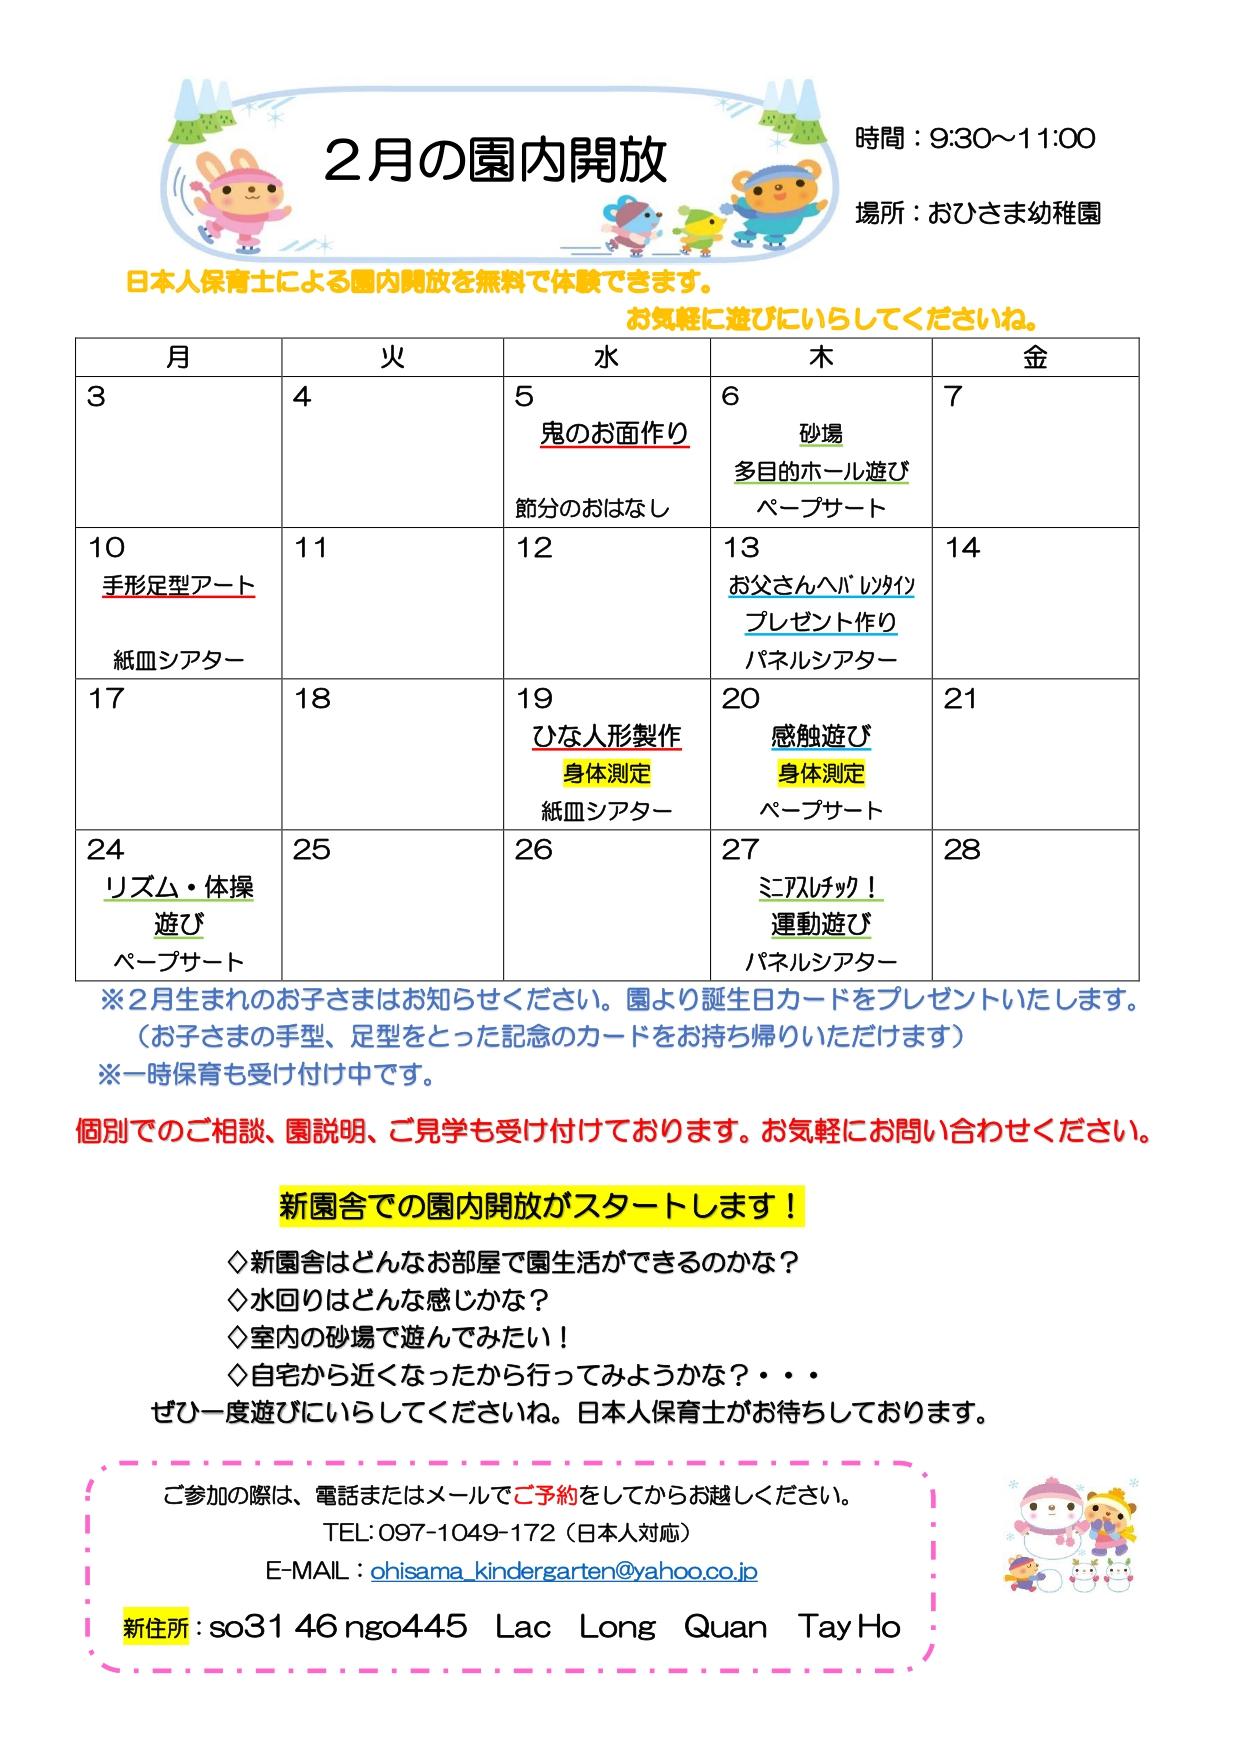 2月園内開放スケジュール_page-0001